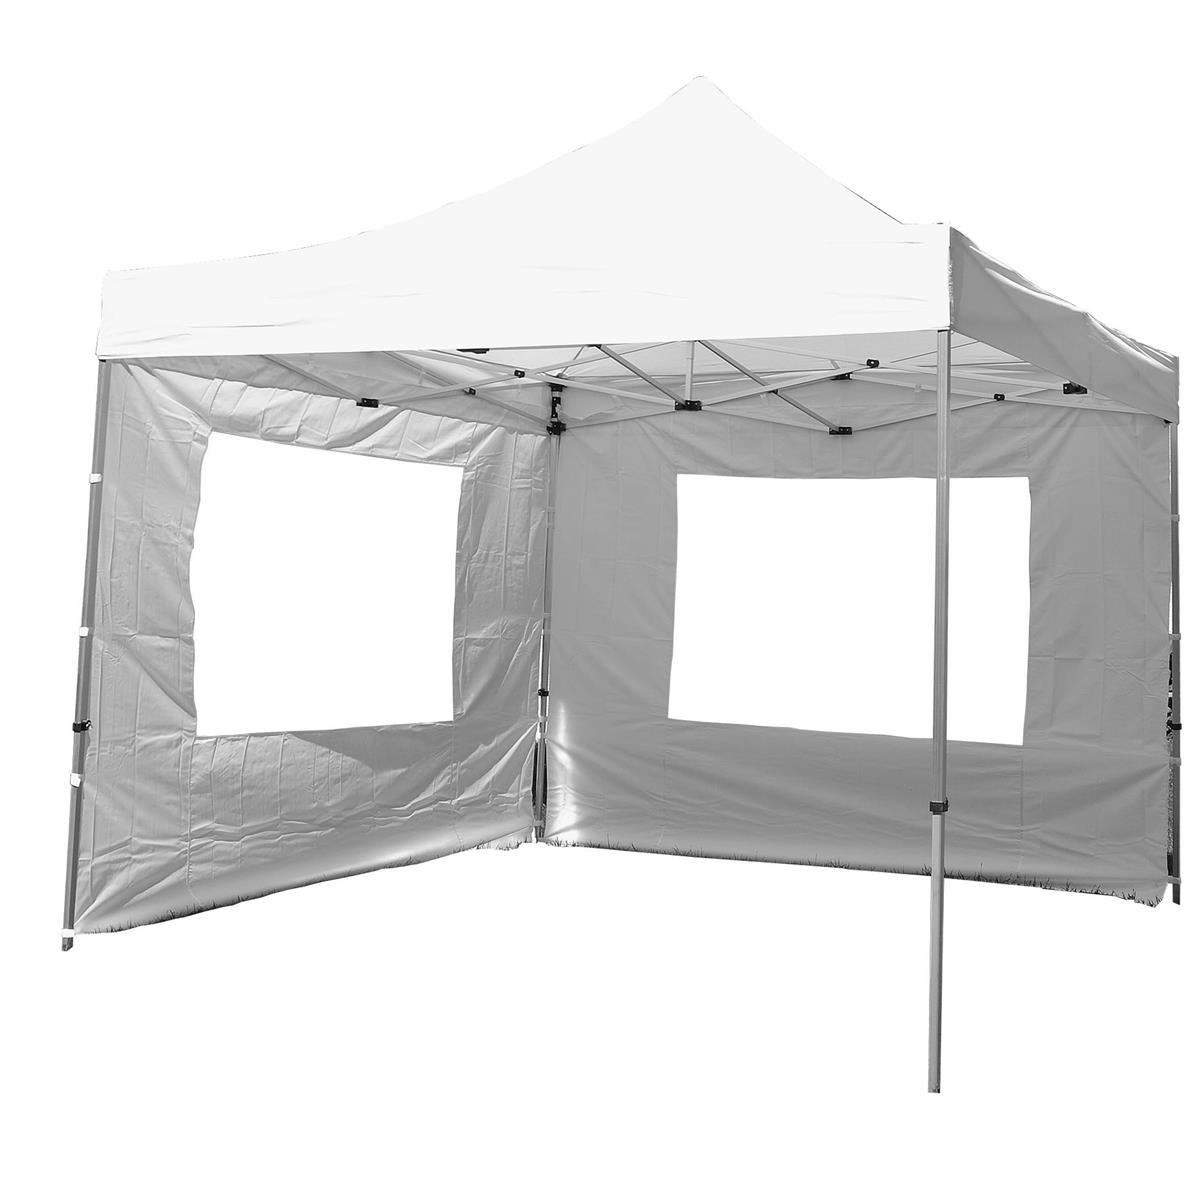 PROFI Falt Pavillon Partyzelt mit zwei Seitenteilen 3x3m weiß wasserdichtes Dach